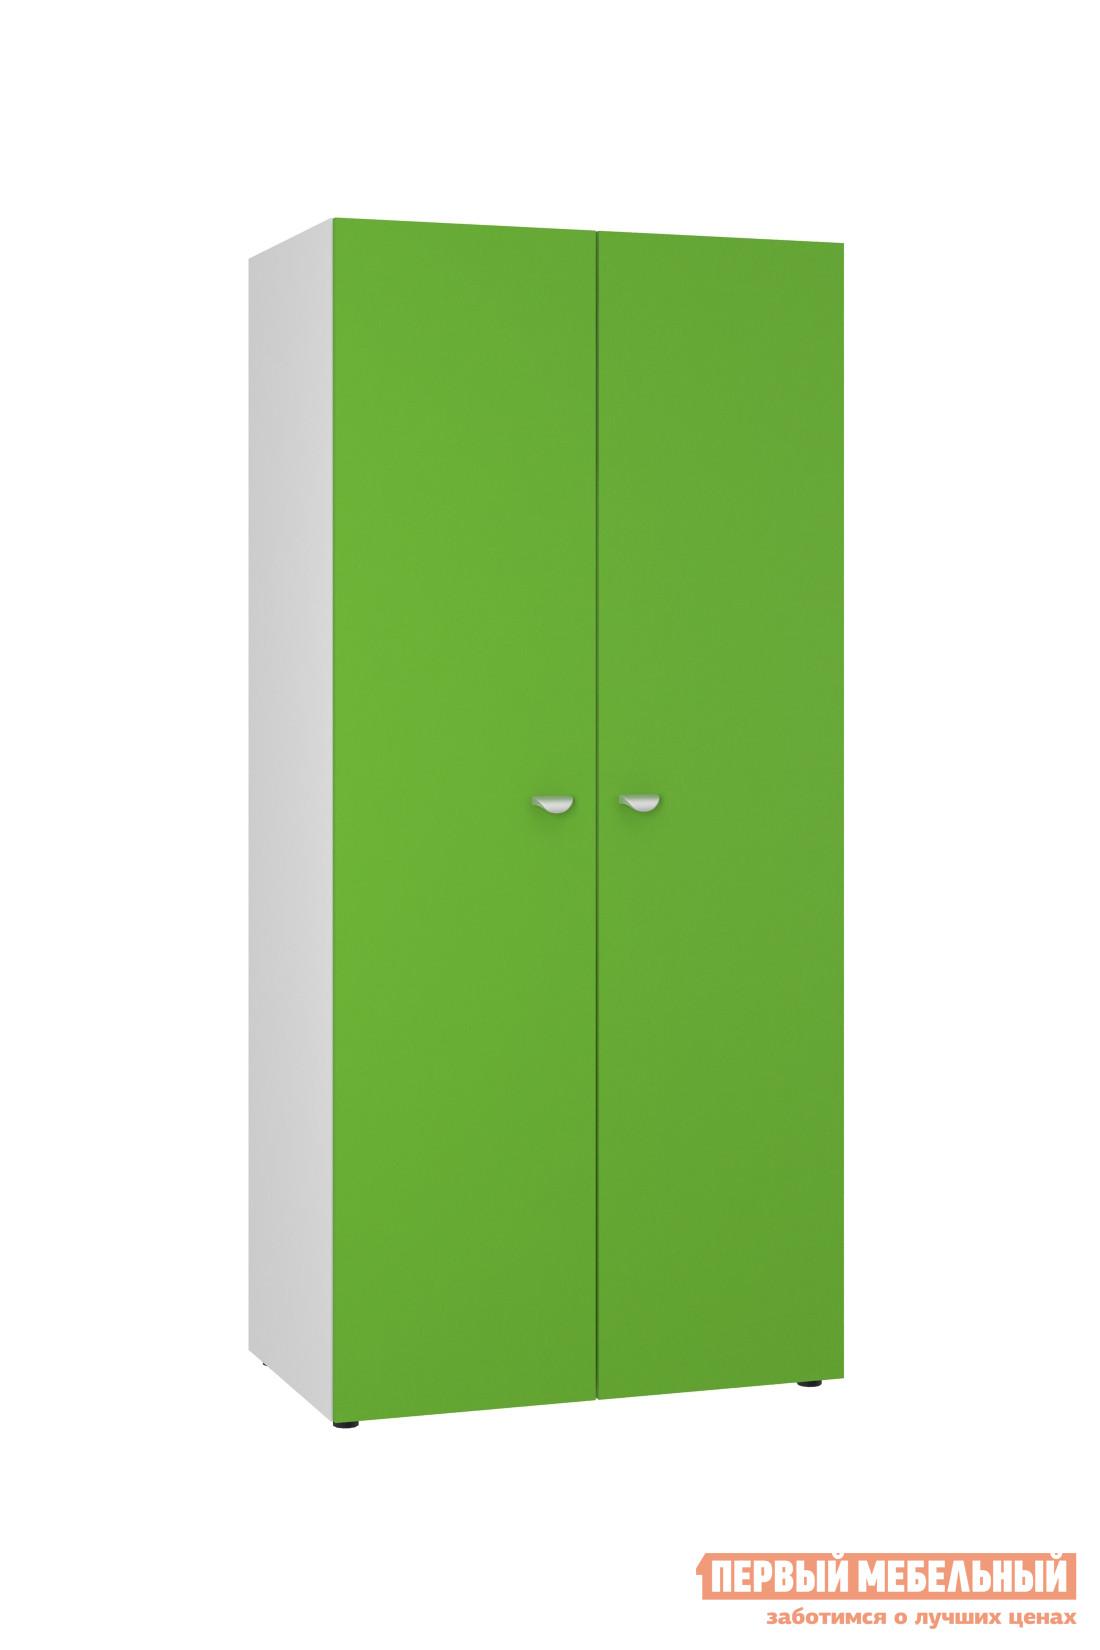 Детский распашной шкаф МФ 4 Сезона GK 900